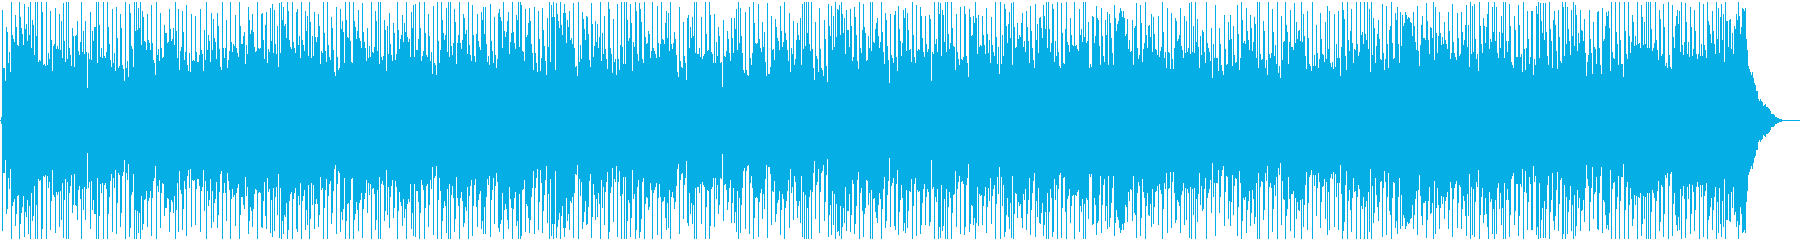 お洒落でかっこいい疾走感のカントリーの再生済みの波形